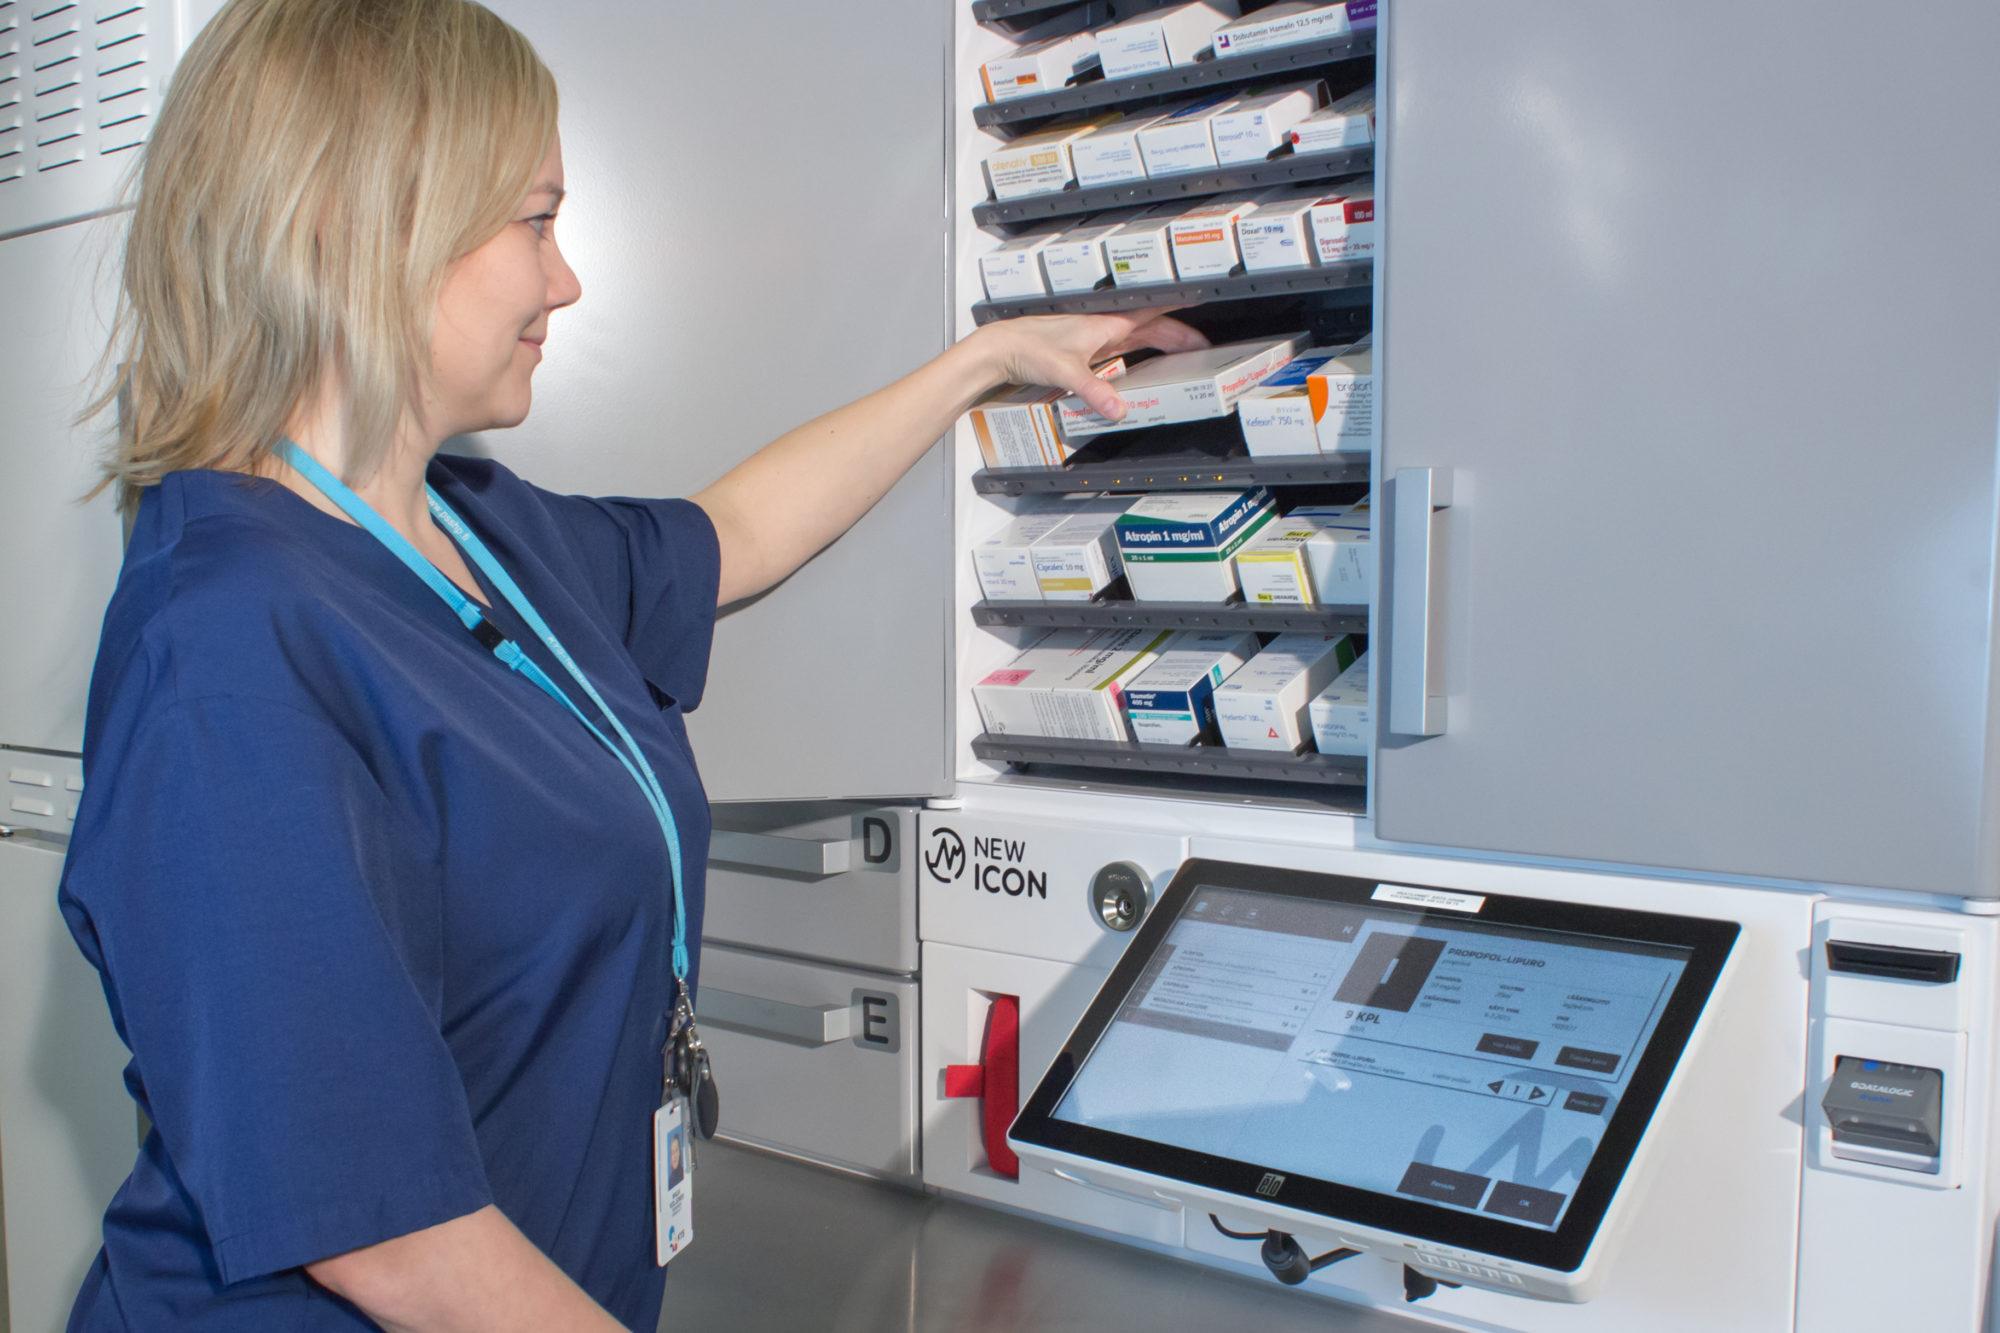 Tiedote: Etelä-Karjalan keskussairaalan älylääkekaapit vapauttavat hoitajien käsiä potilaiden tarpeisiin